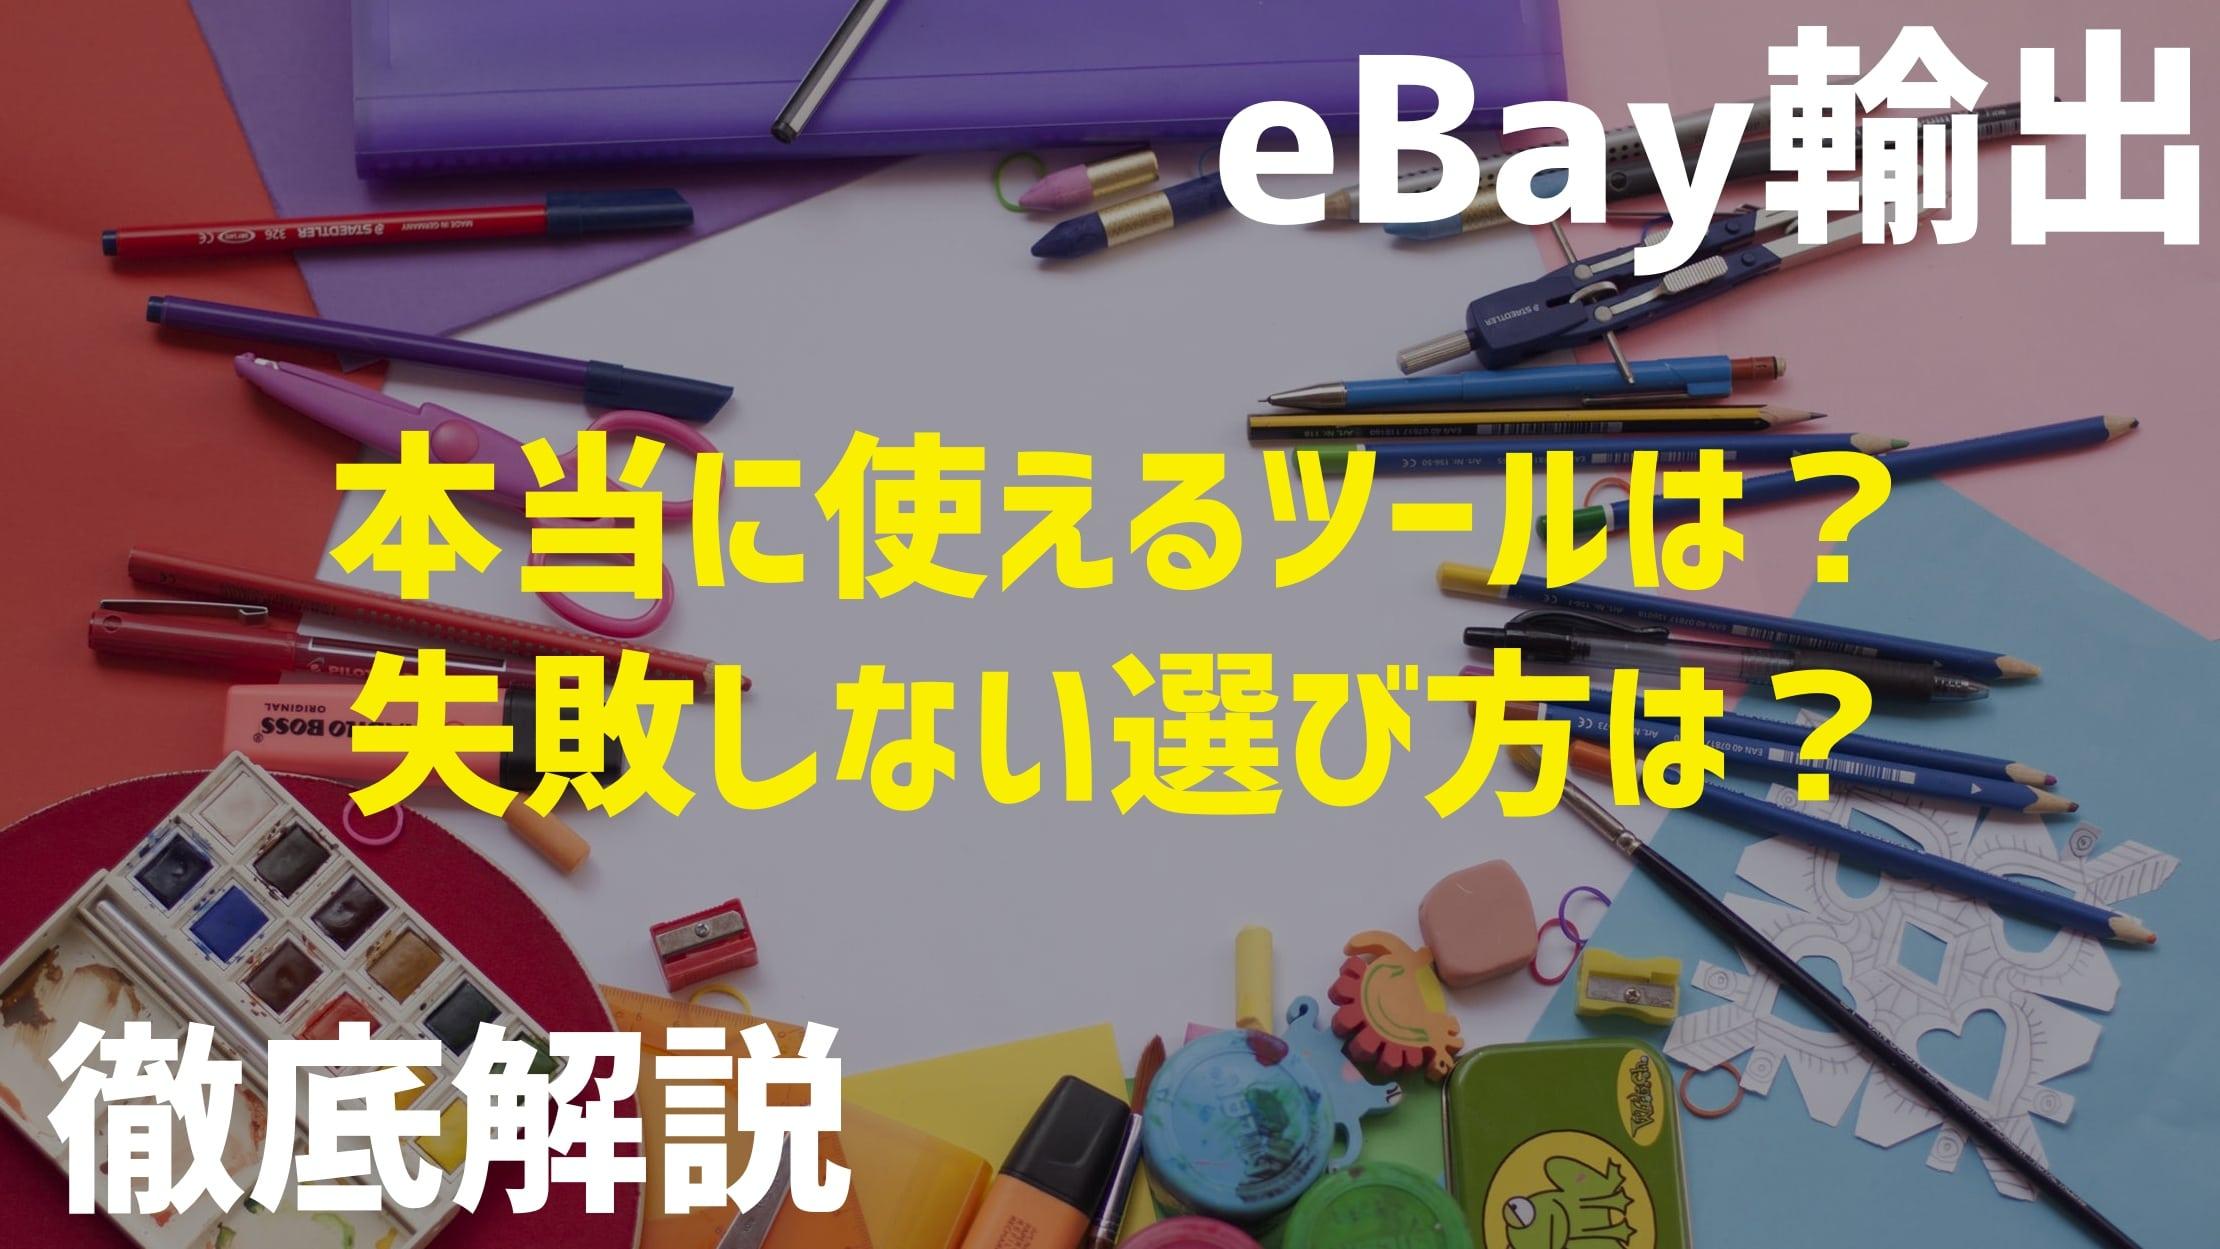 【2020年】eBay輸出で本当に使えるツールは?失敗しない選び方は?徹底解説!